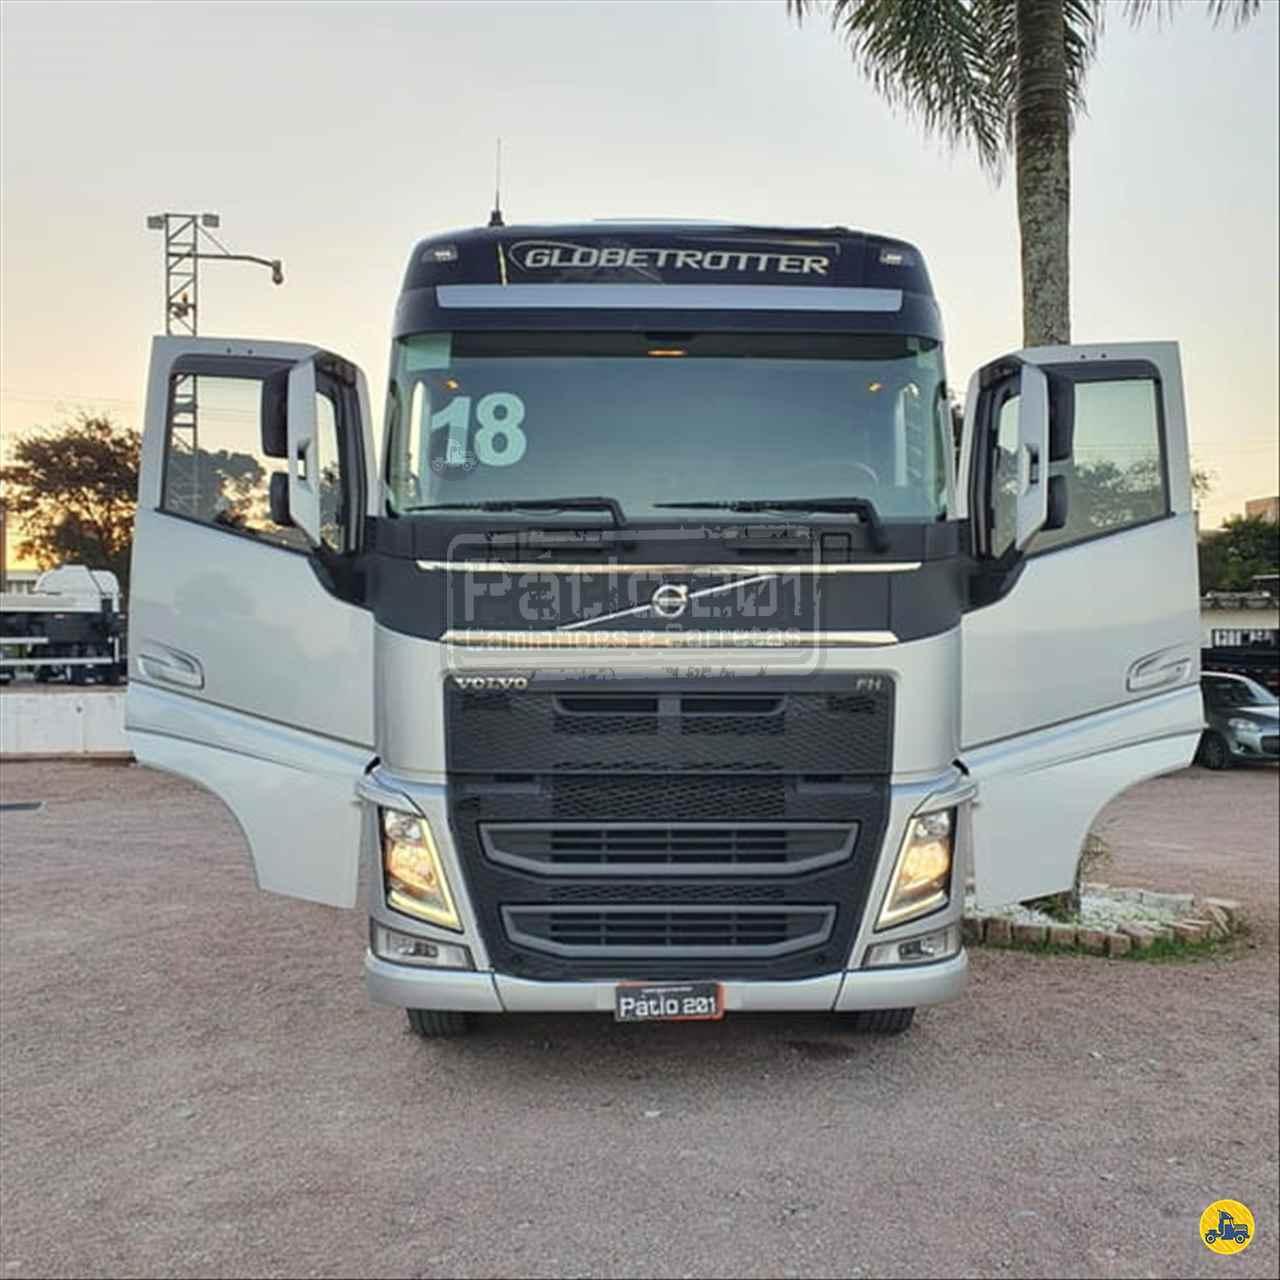 CAMINHAO VOLVO VOLVO FH 460 Cavalo Mecânico Truck 6x2 Pátio 201 Caminhões e Carretas CURITIBA PARANÁ PR